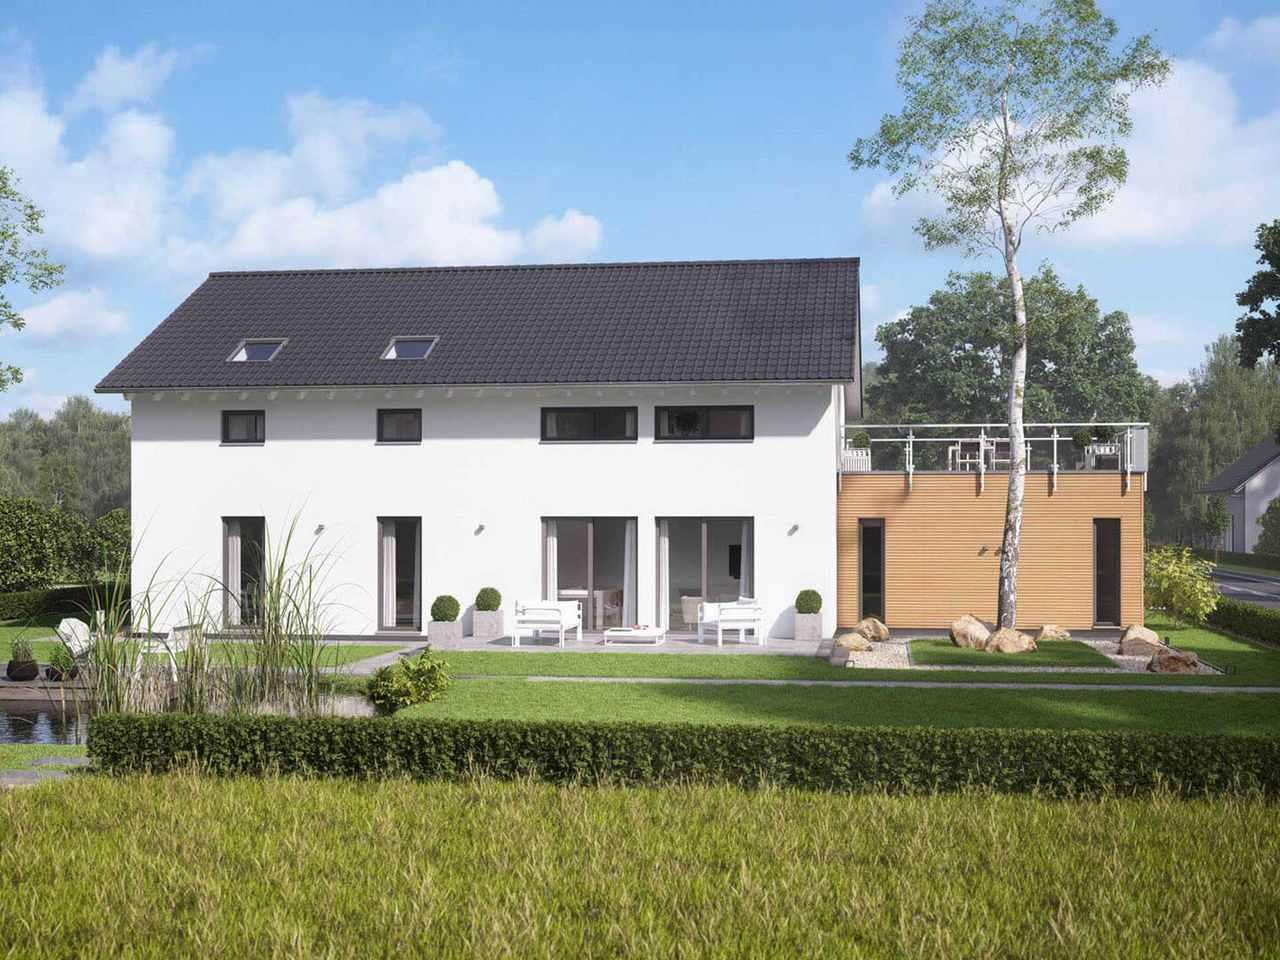 Mehrgenerationenhaus LifeStyle 15 Garten